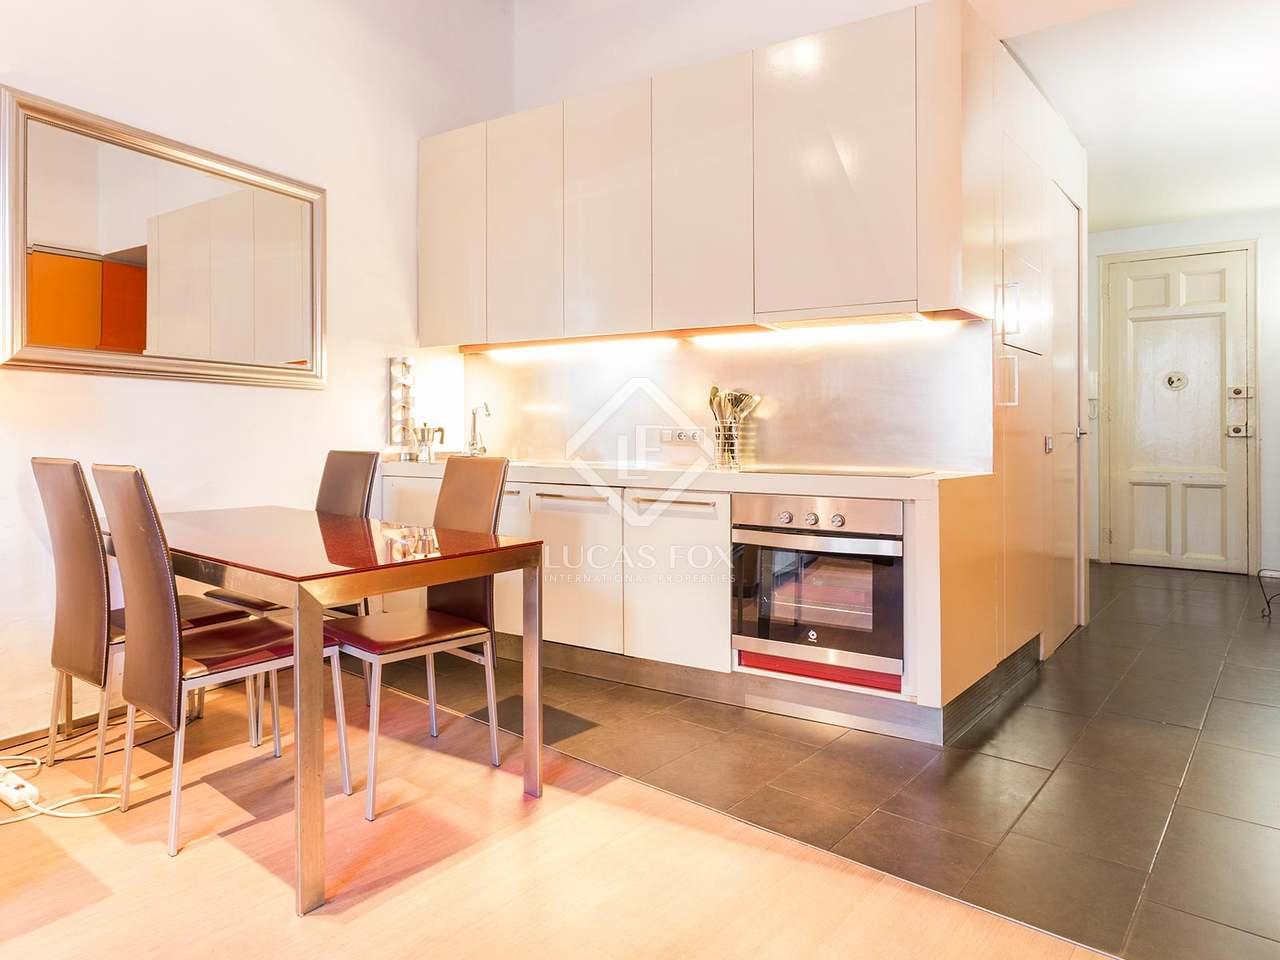 Appartement de 59m a vendre g tico barcelone - Appartements a vendre a barcelone ...